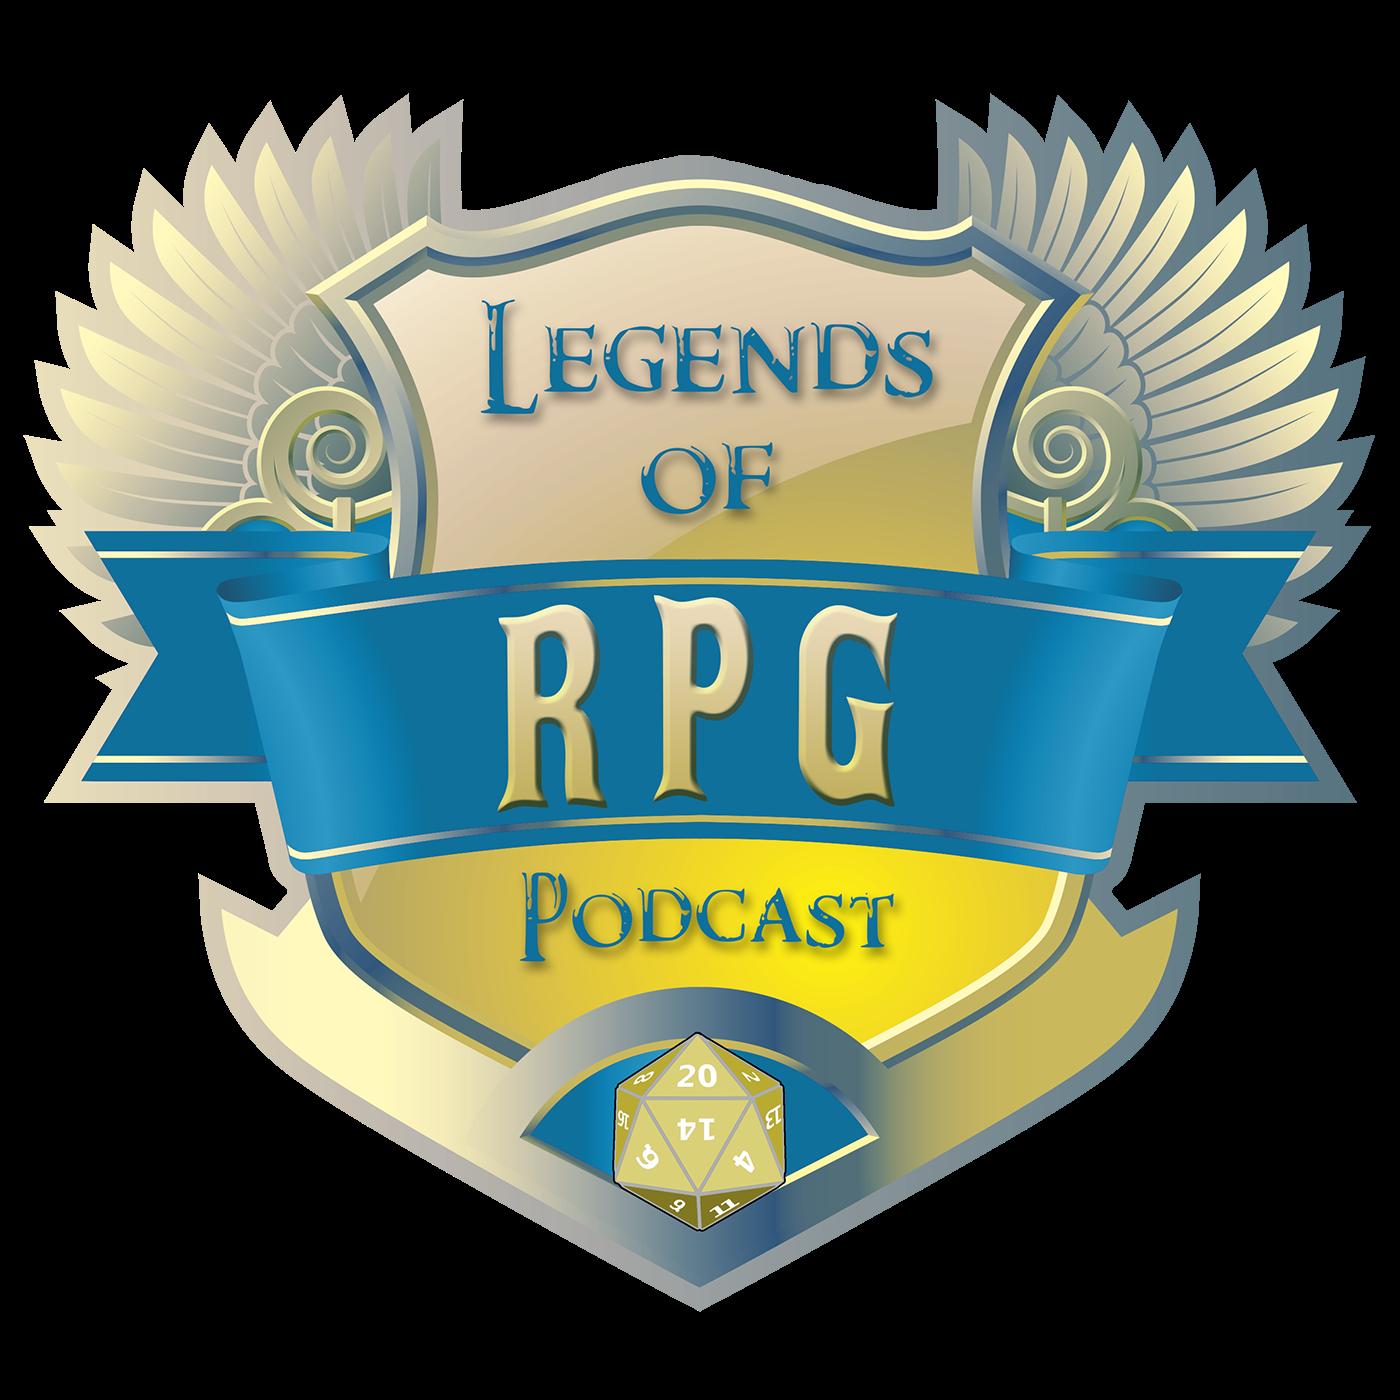 Legends of RPG Podcast